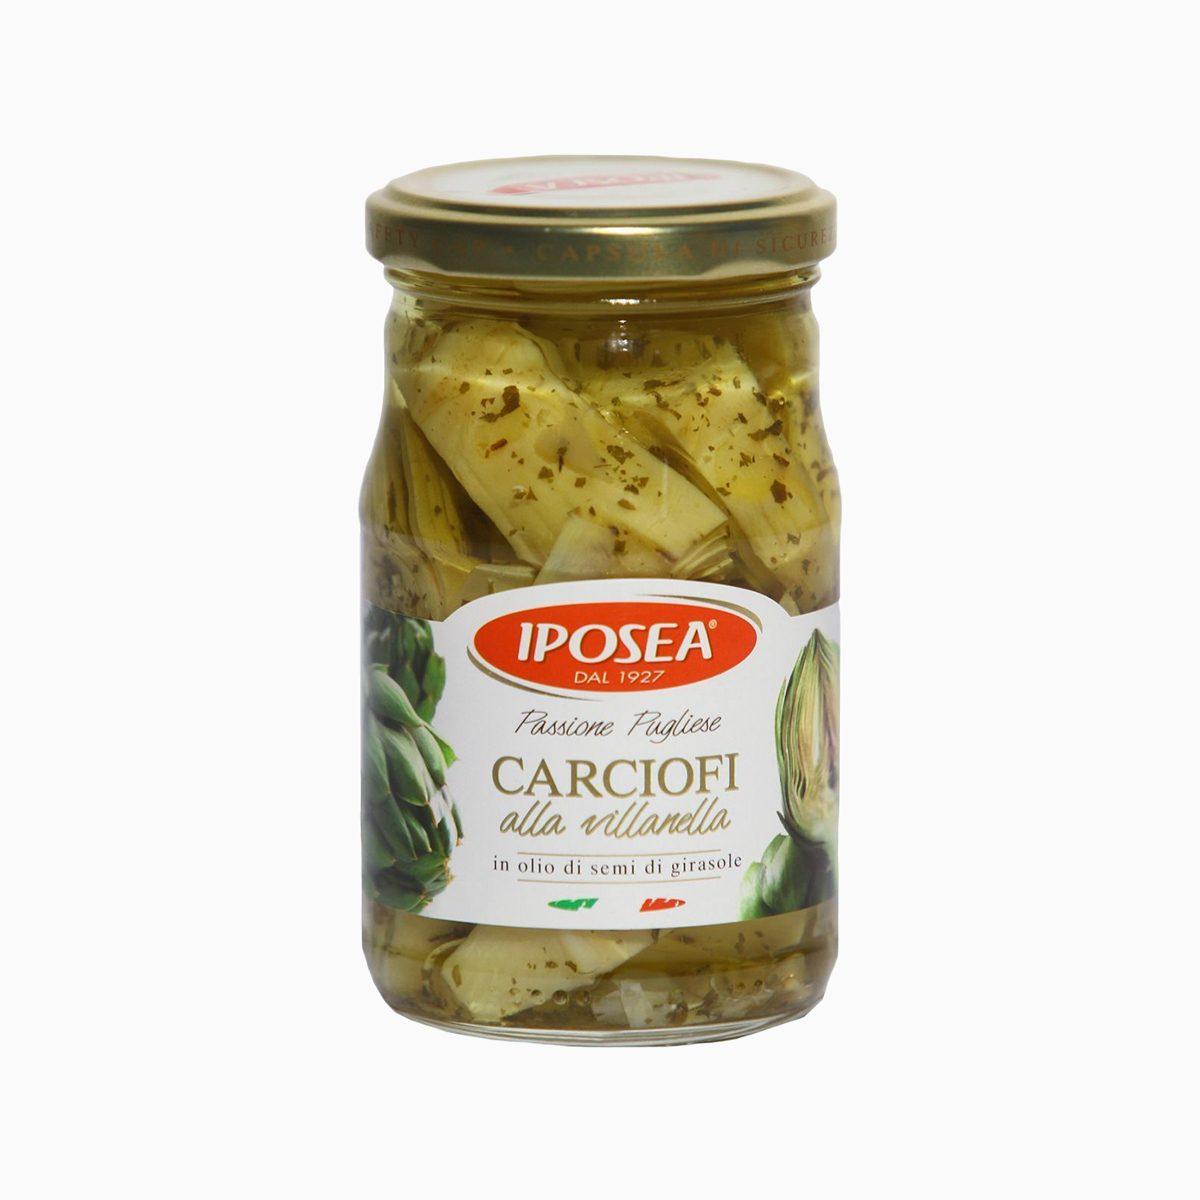 Артишоки резаные в масле, Iposea, 290 гр